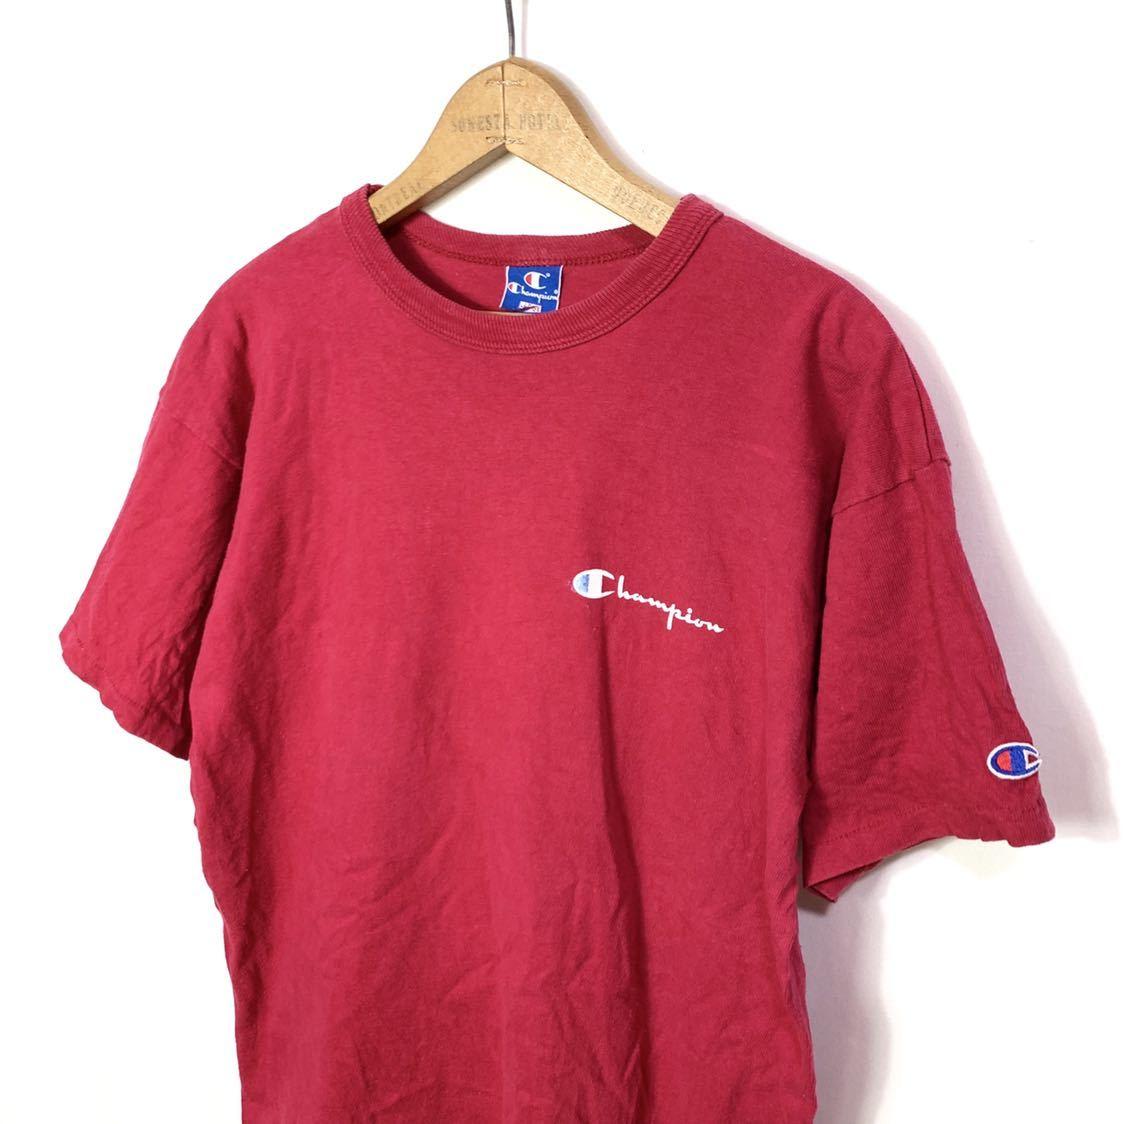 ■ ビンテージ USA製 90s チャンピオン 胸ロゴプリント Tシャツ Lサイズ 赤 コットン100% シングルステッチ champion 青タグ ■_画像2